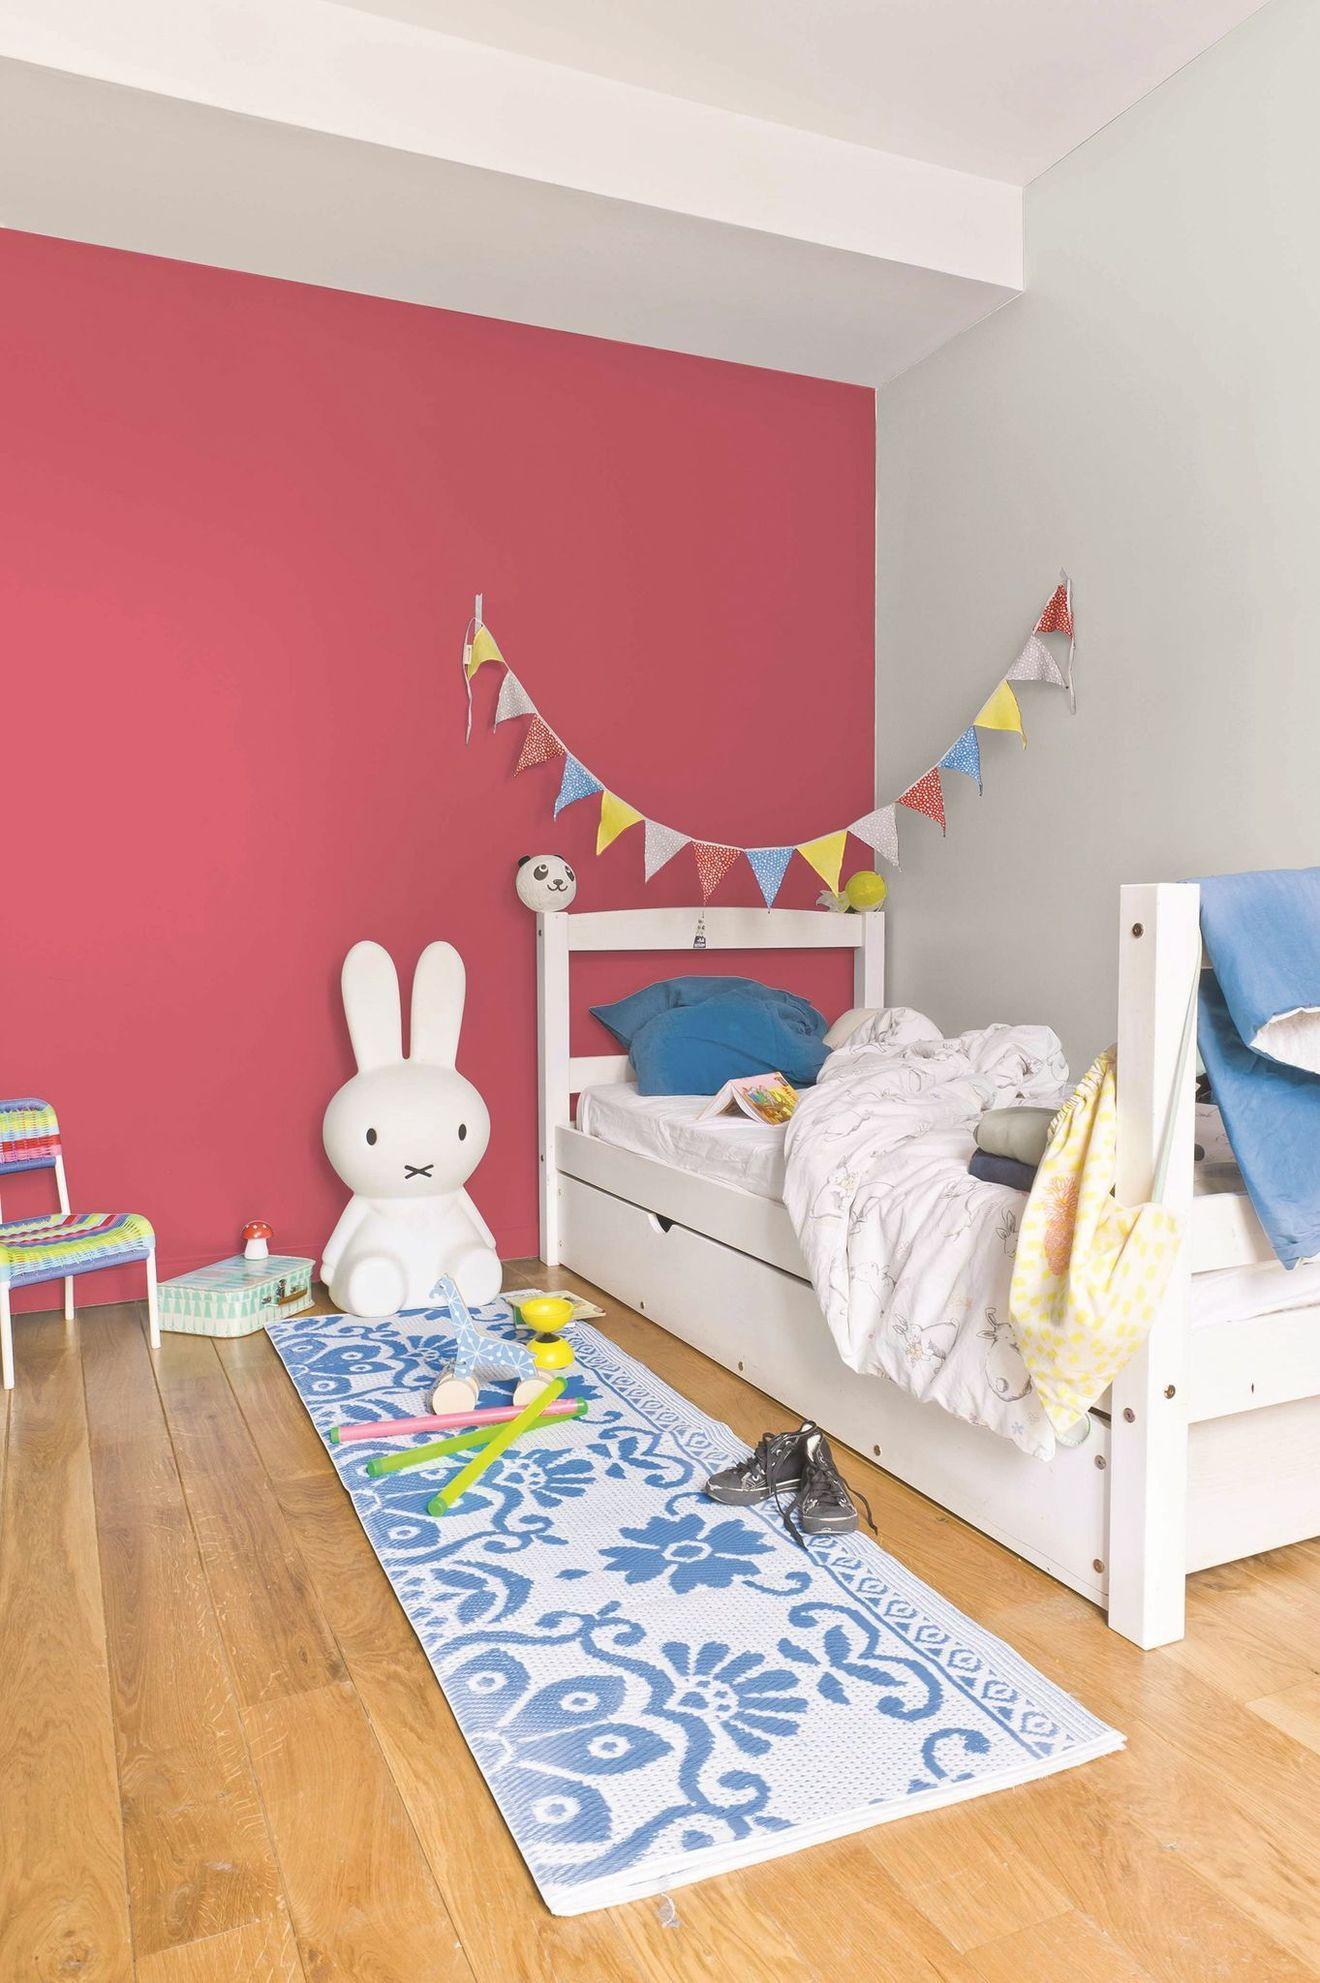 Couleur Peinture Chambre Enfant Fille peinture couleur pour chambre d'enfant | chambre bébé vert d